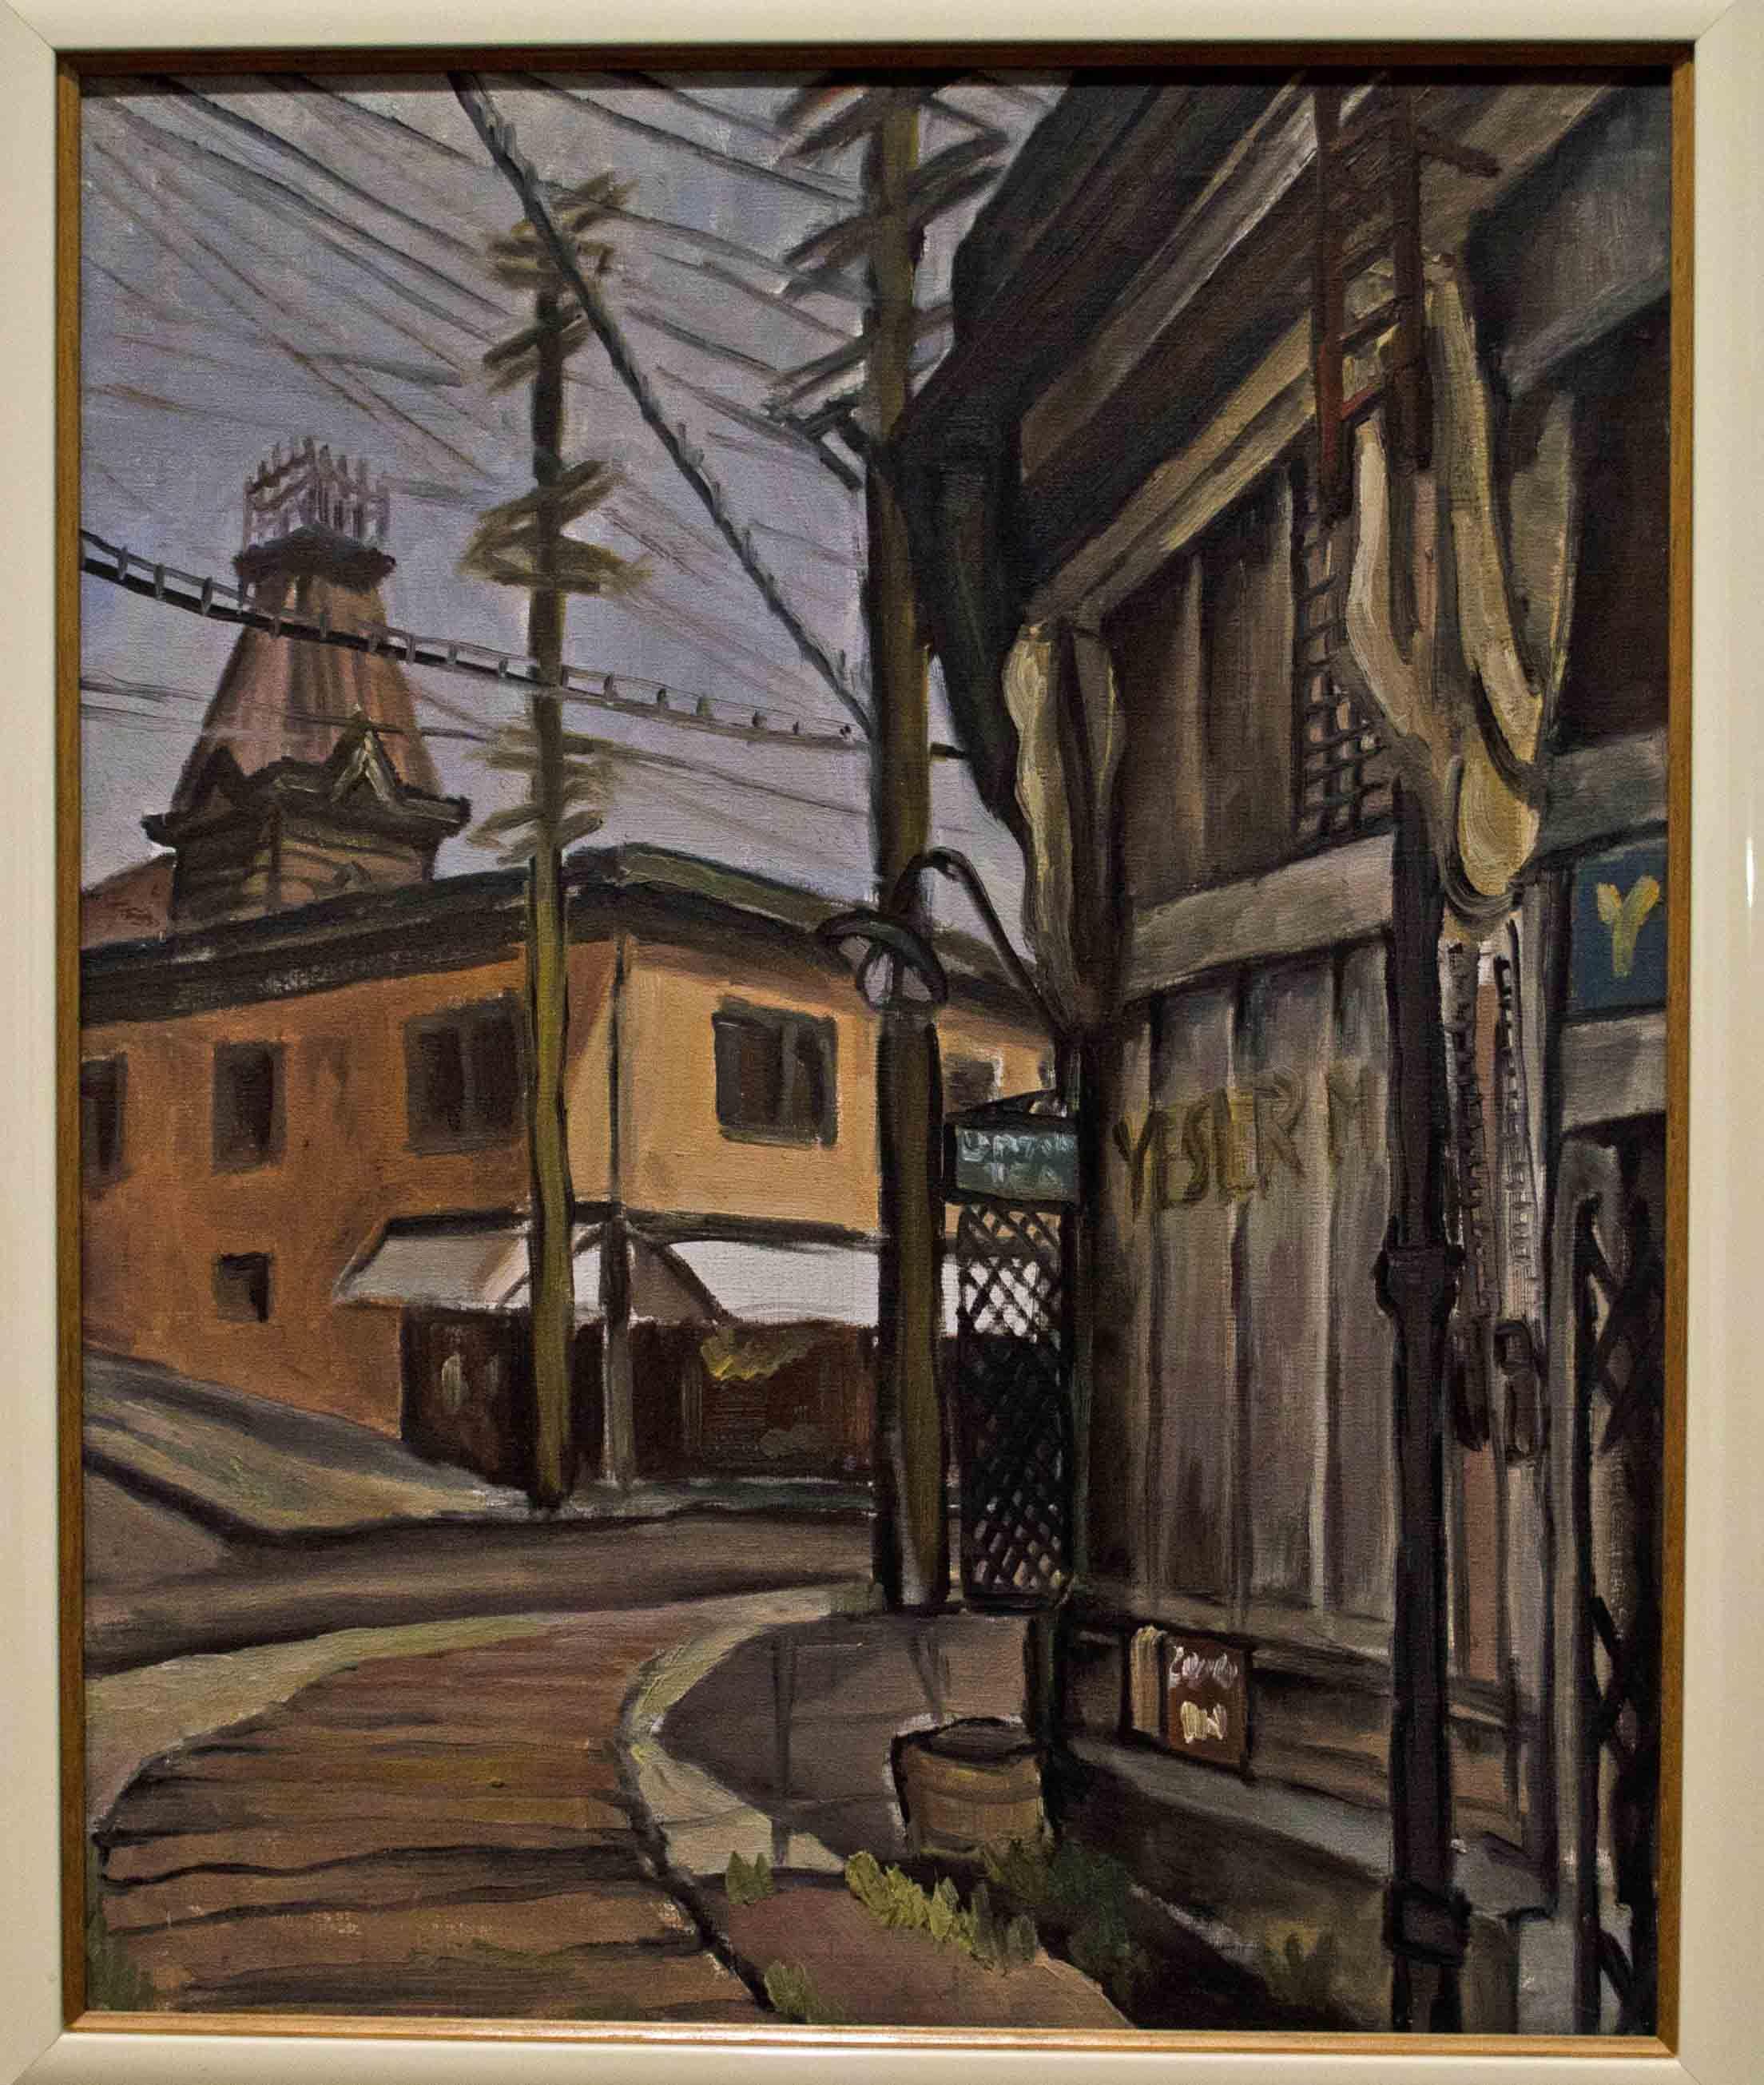 Painting Seattle Kamekichi Tokita And Kenjiro Nomura October 22 2011 February 19 2012 Saam